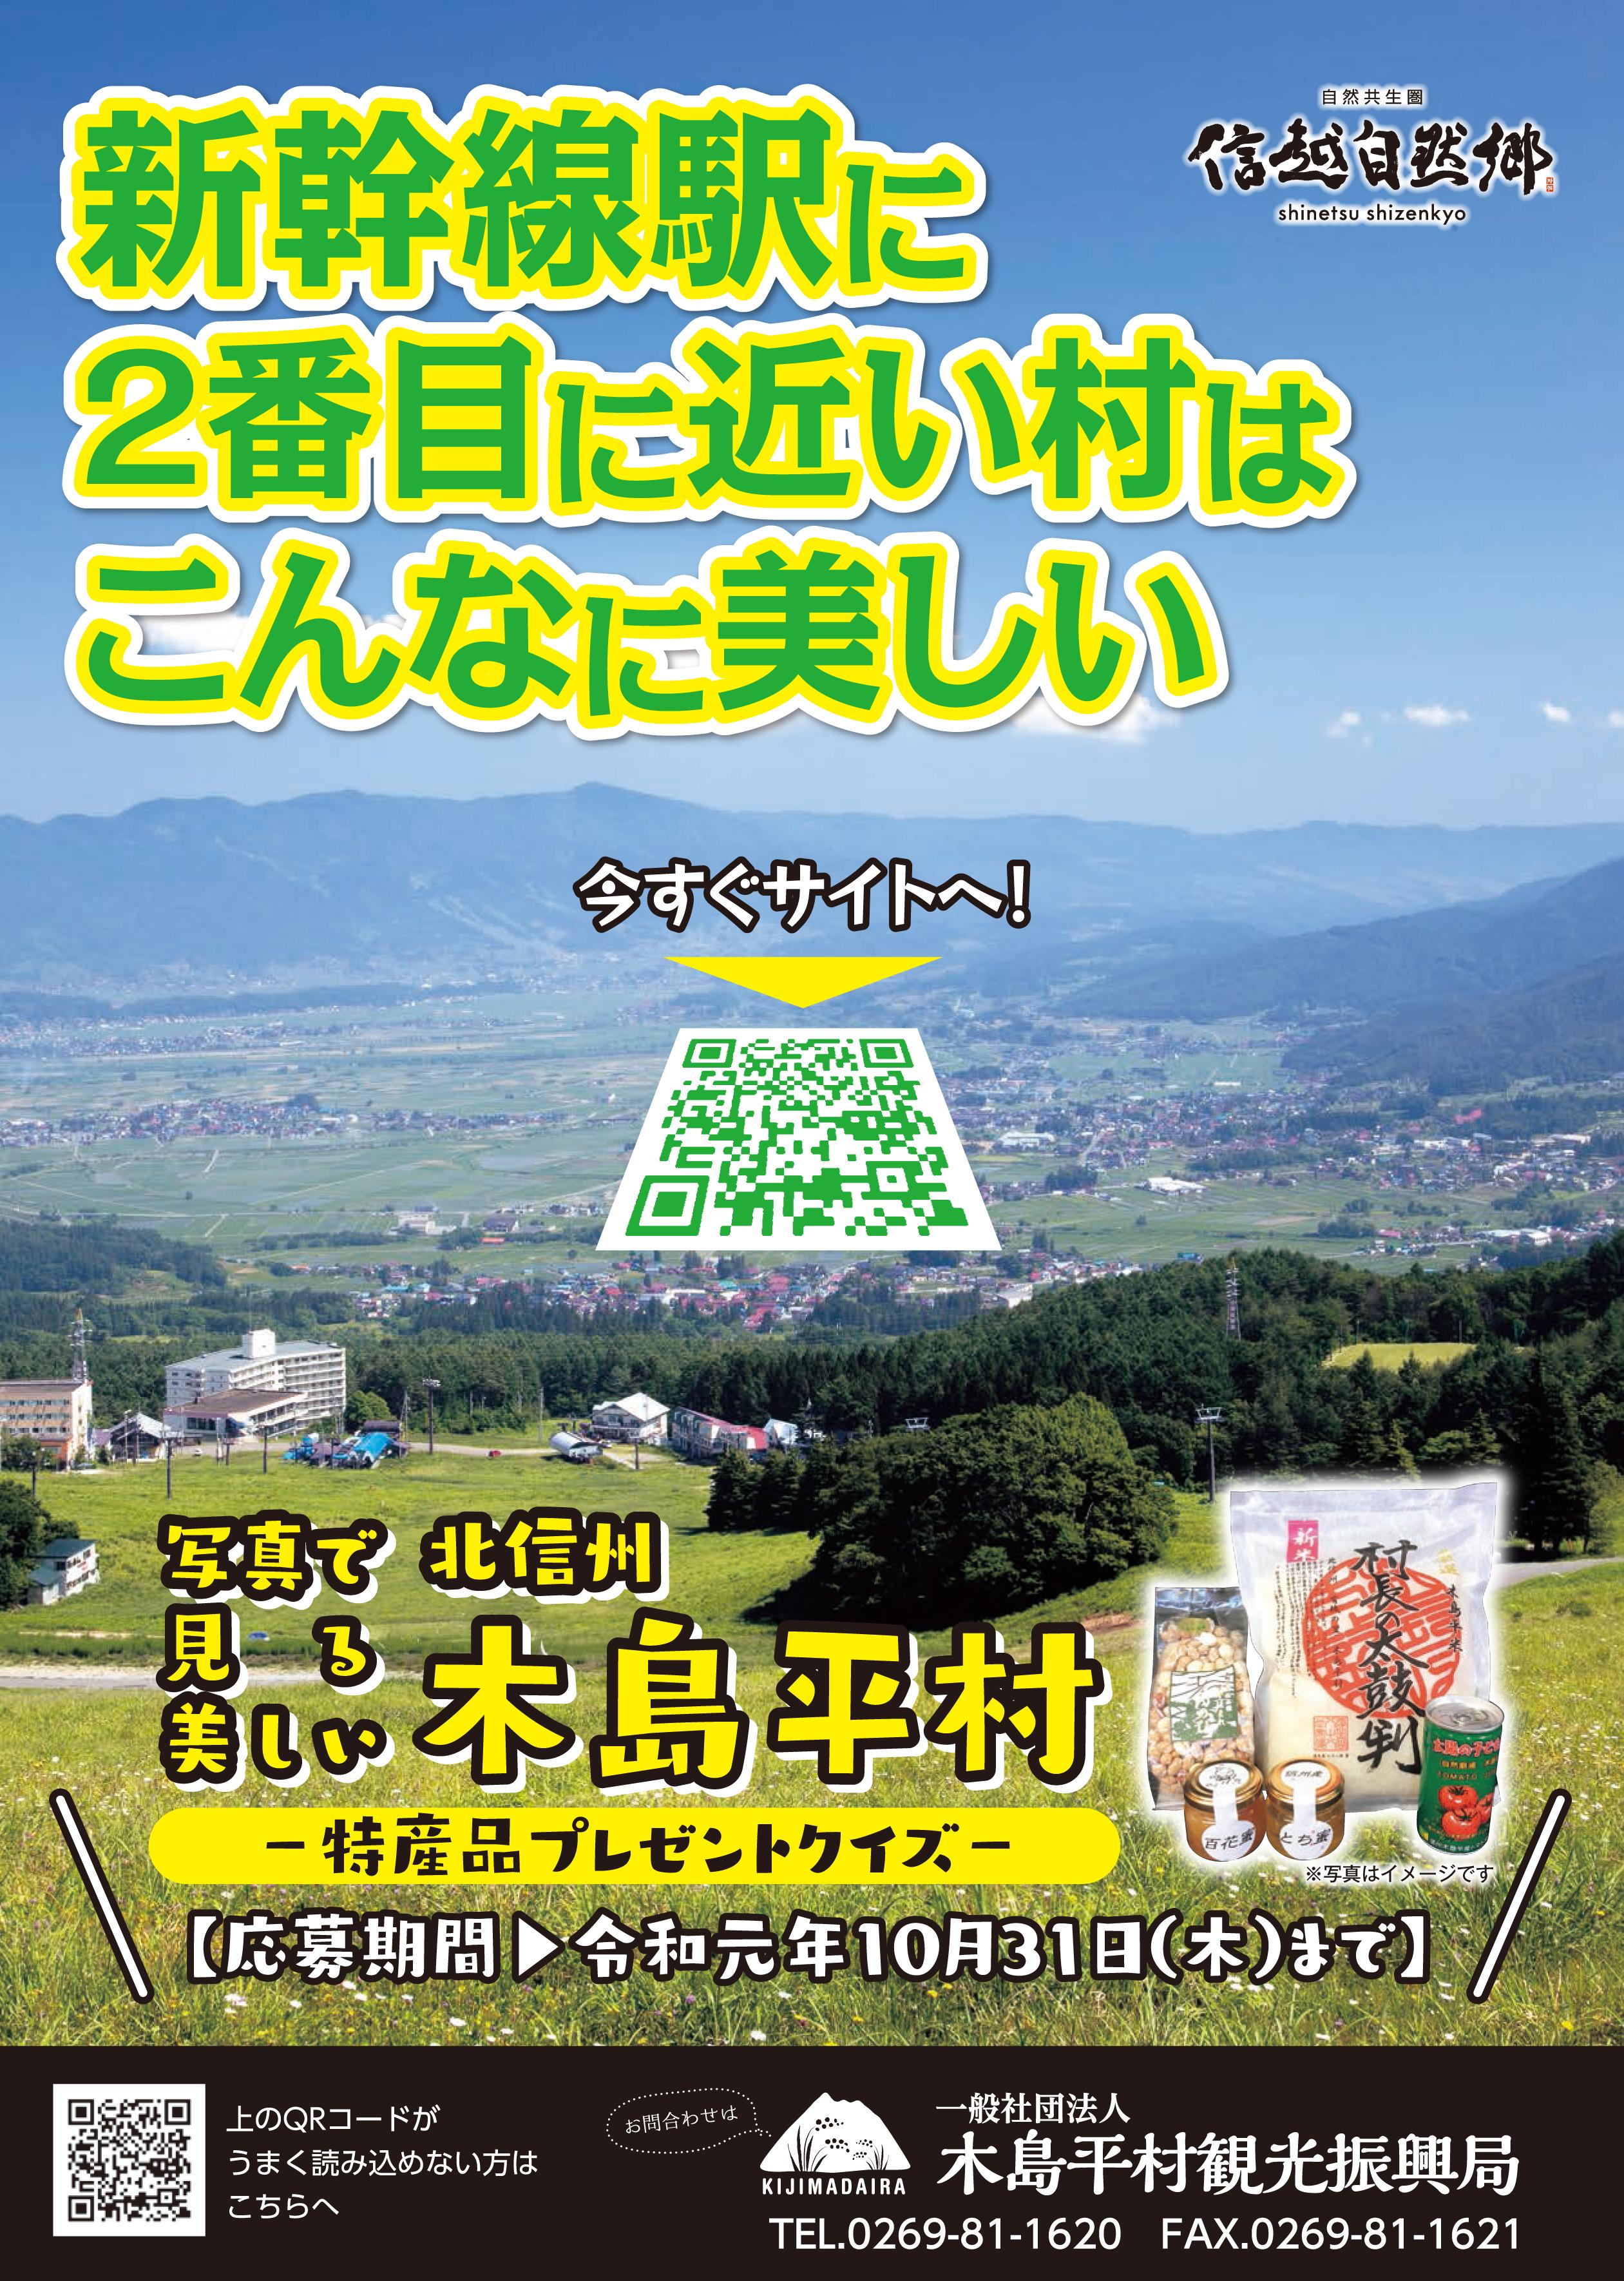 写真で見る美しい北信州木島平村 特産品プレゼントクイズ 新幹線に2番目に近い駅はこんなに美しい